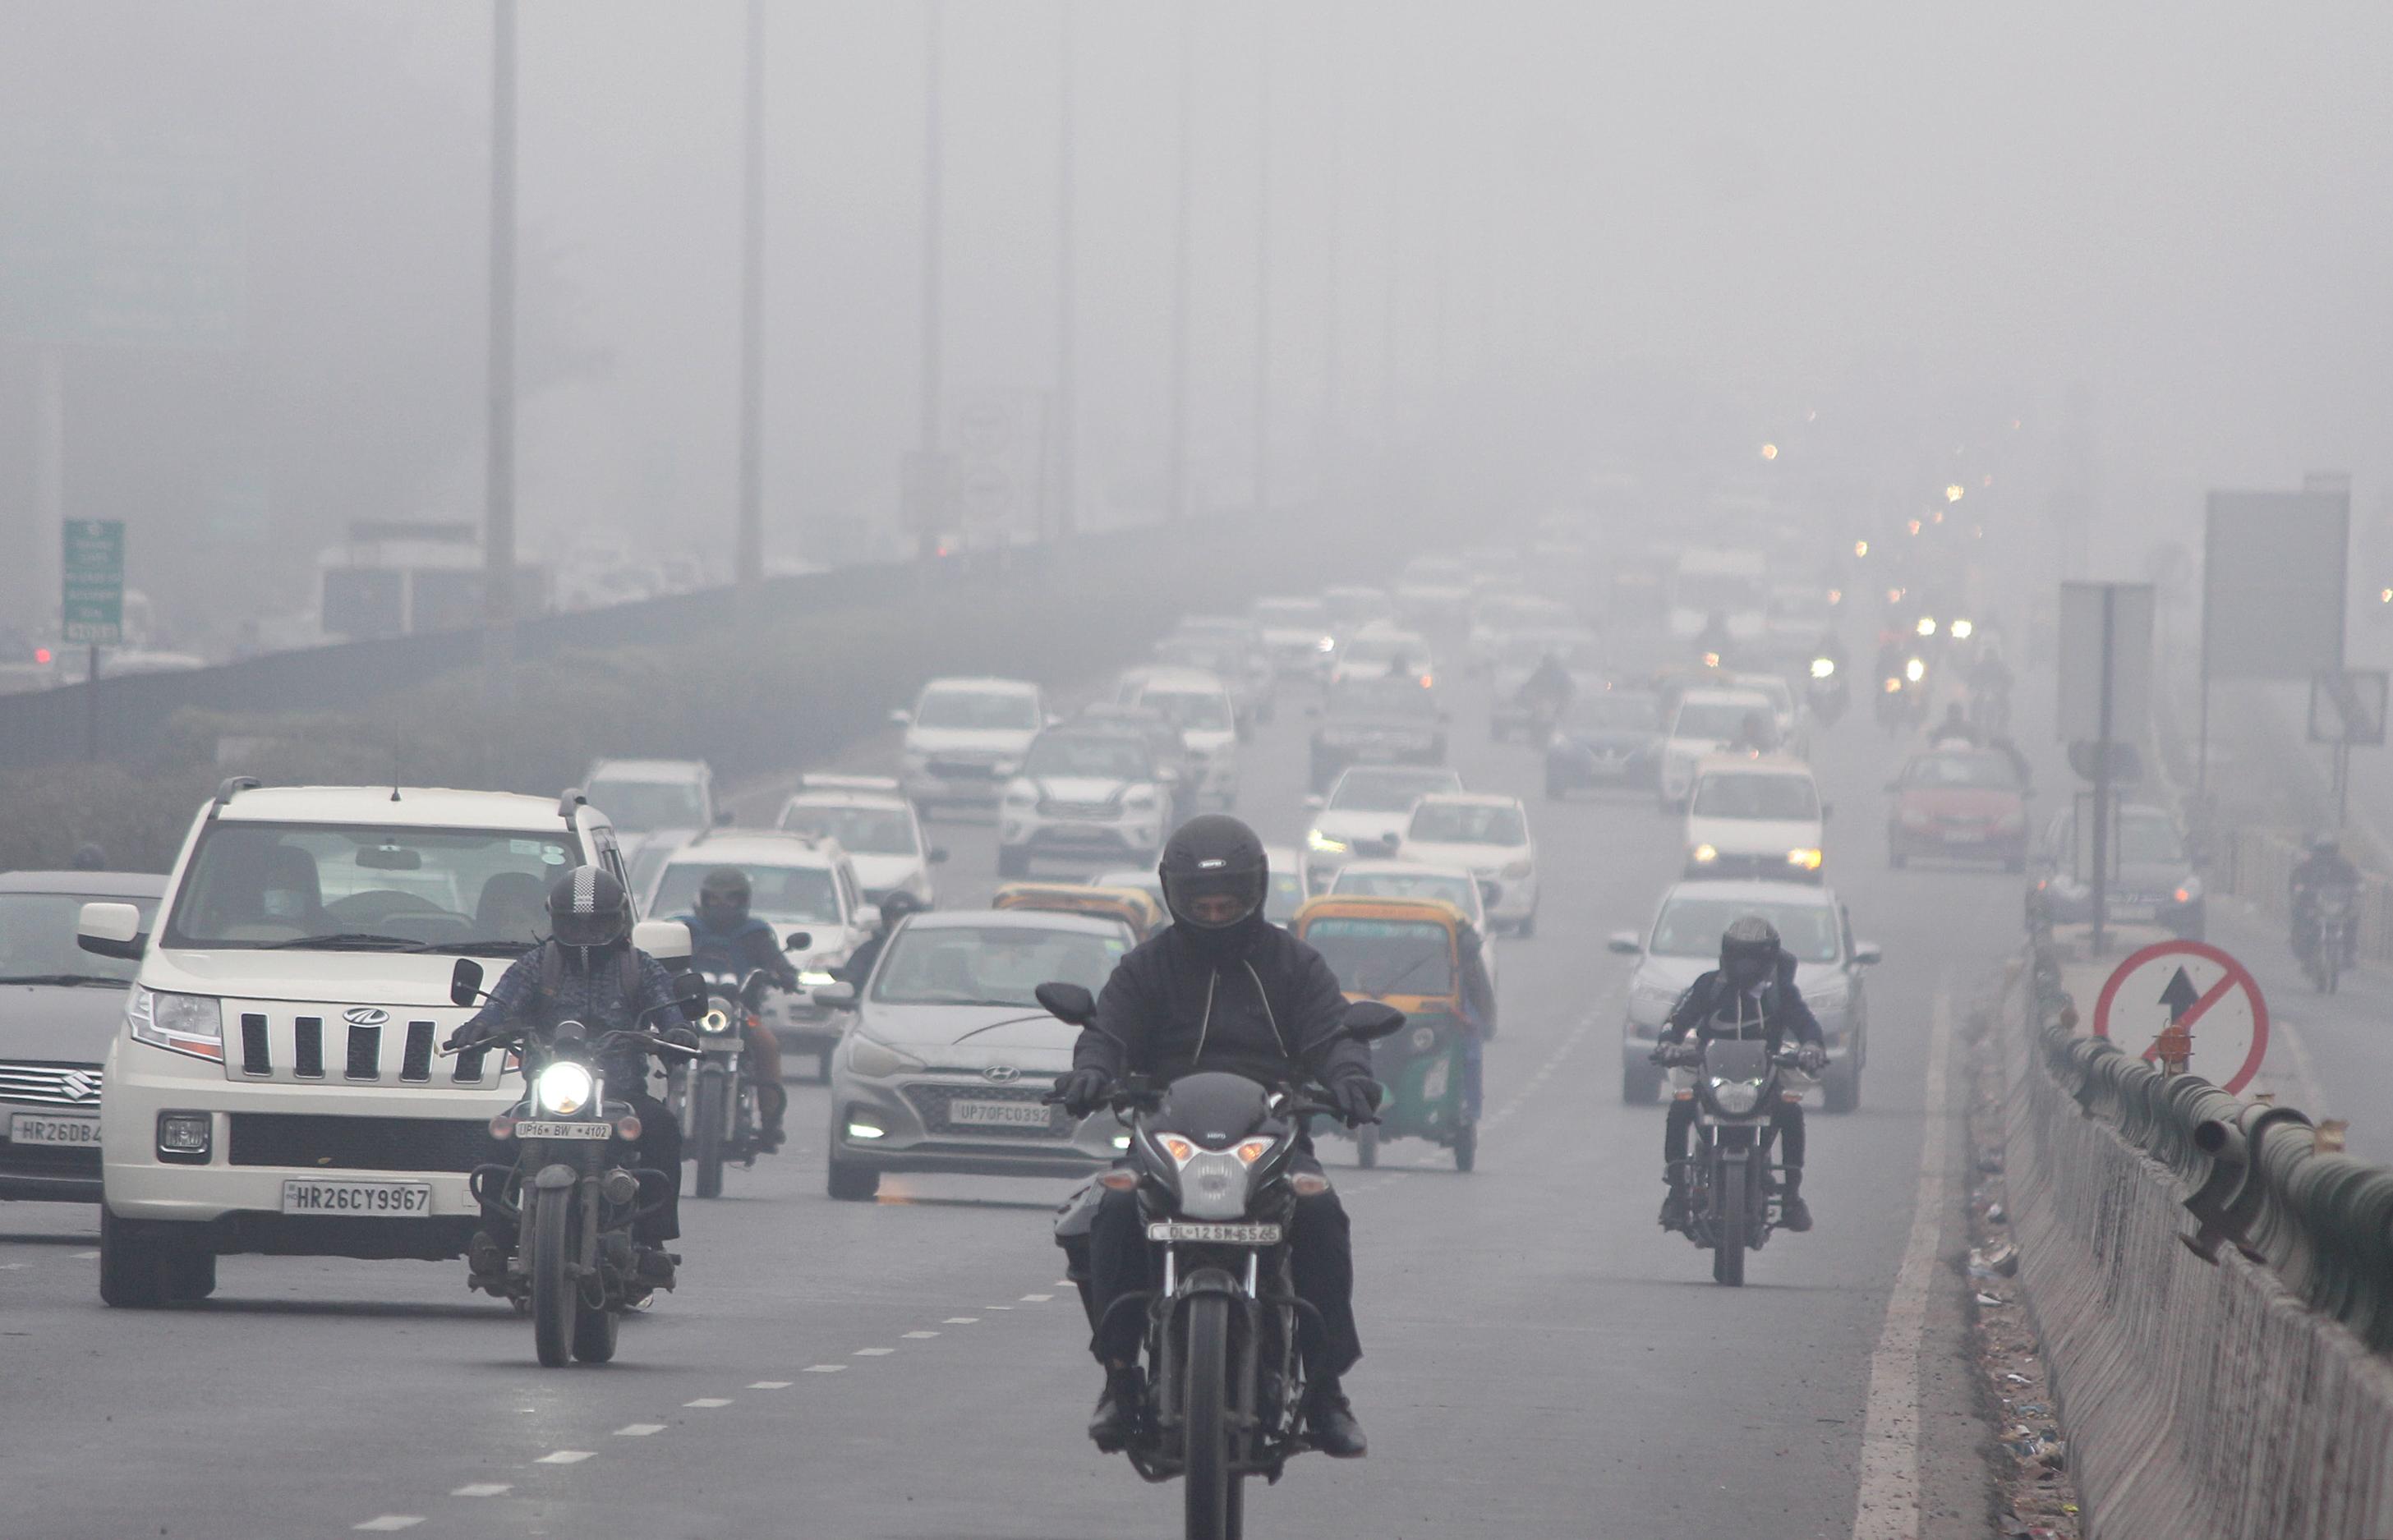 मौसम विभाग के मुताबिक दिल्ली में अगले दो दिन तक सर्द हवा चलेगी। कोहरा भी परेशान करेगा।